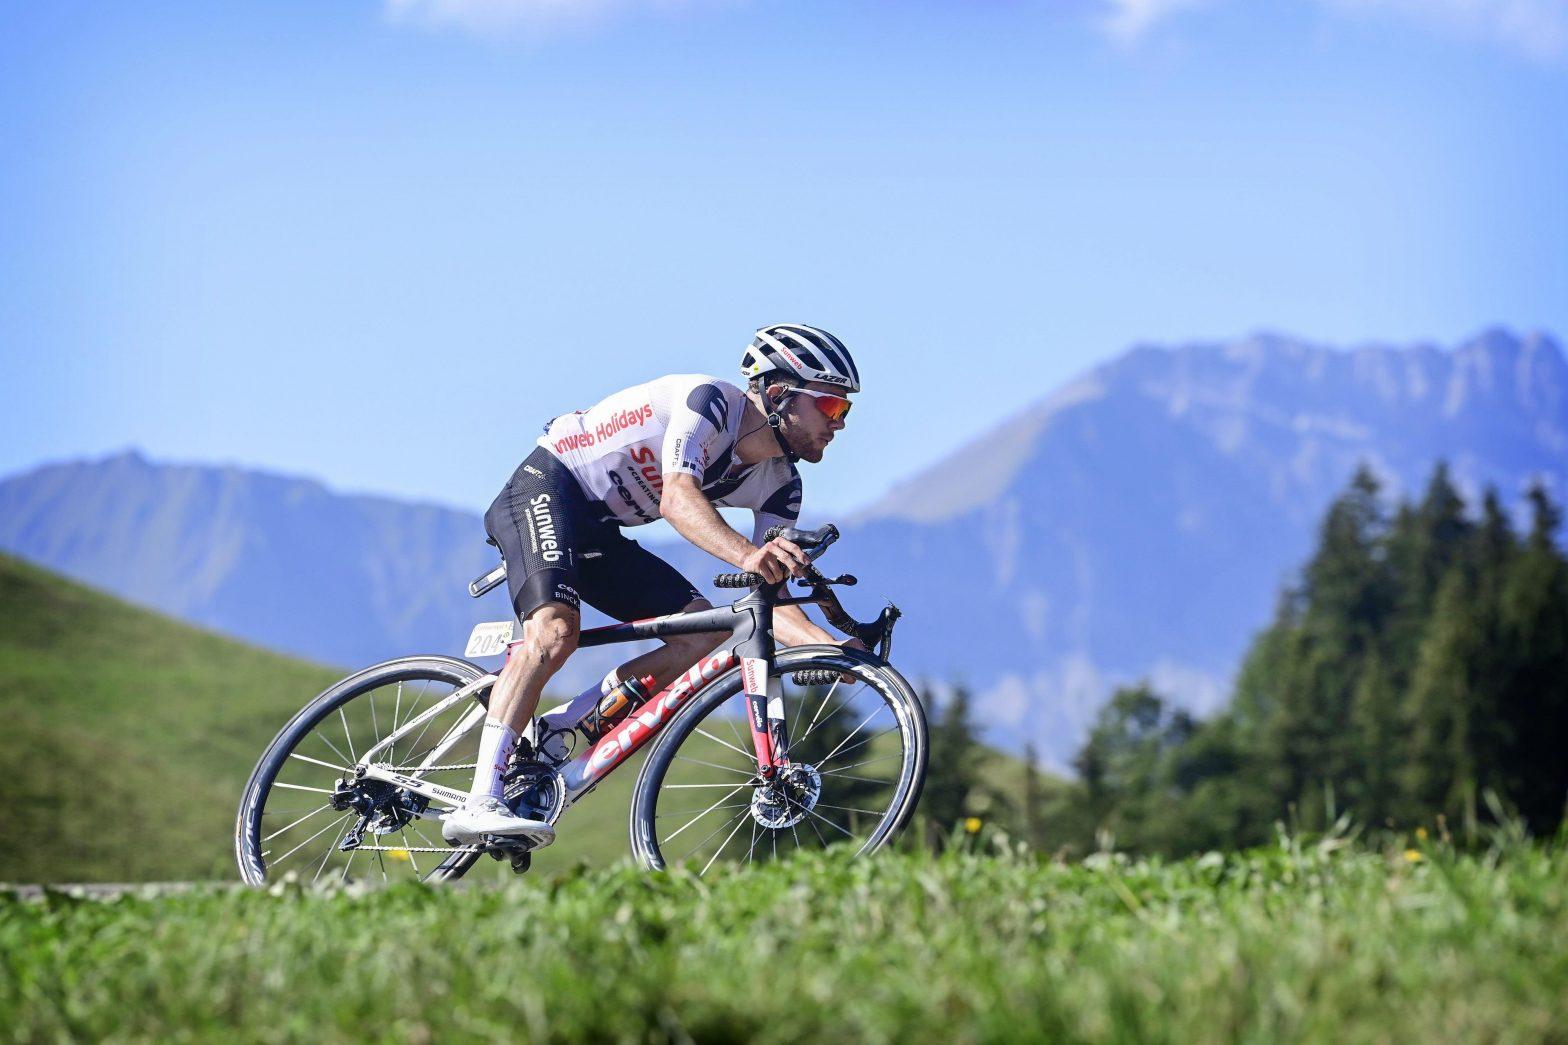 Tour de France 2020 mARC hiRSCHI